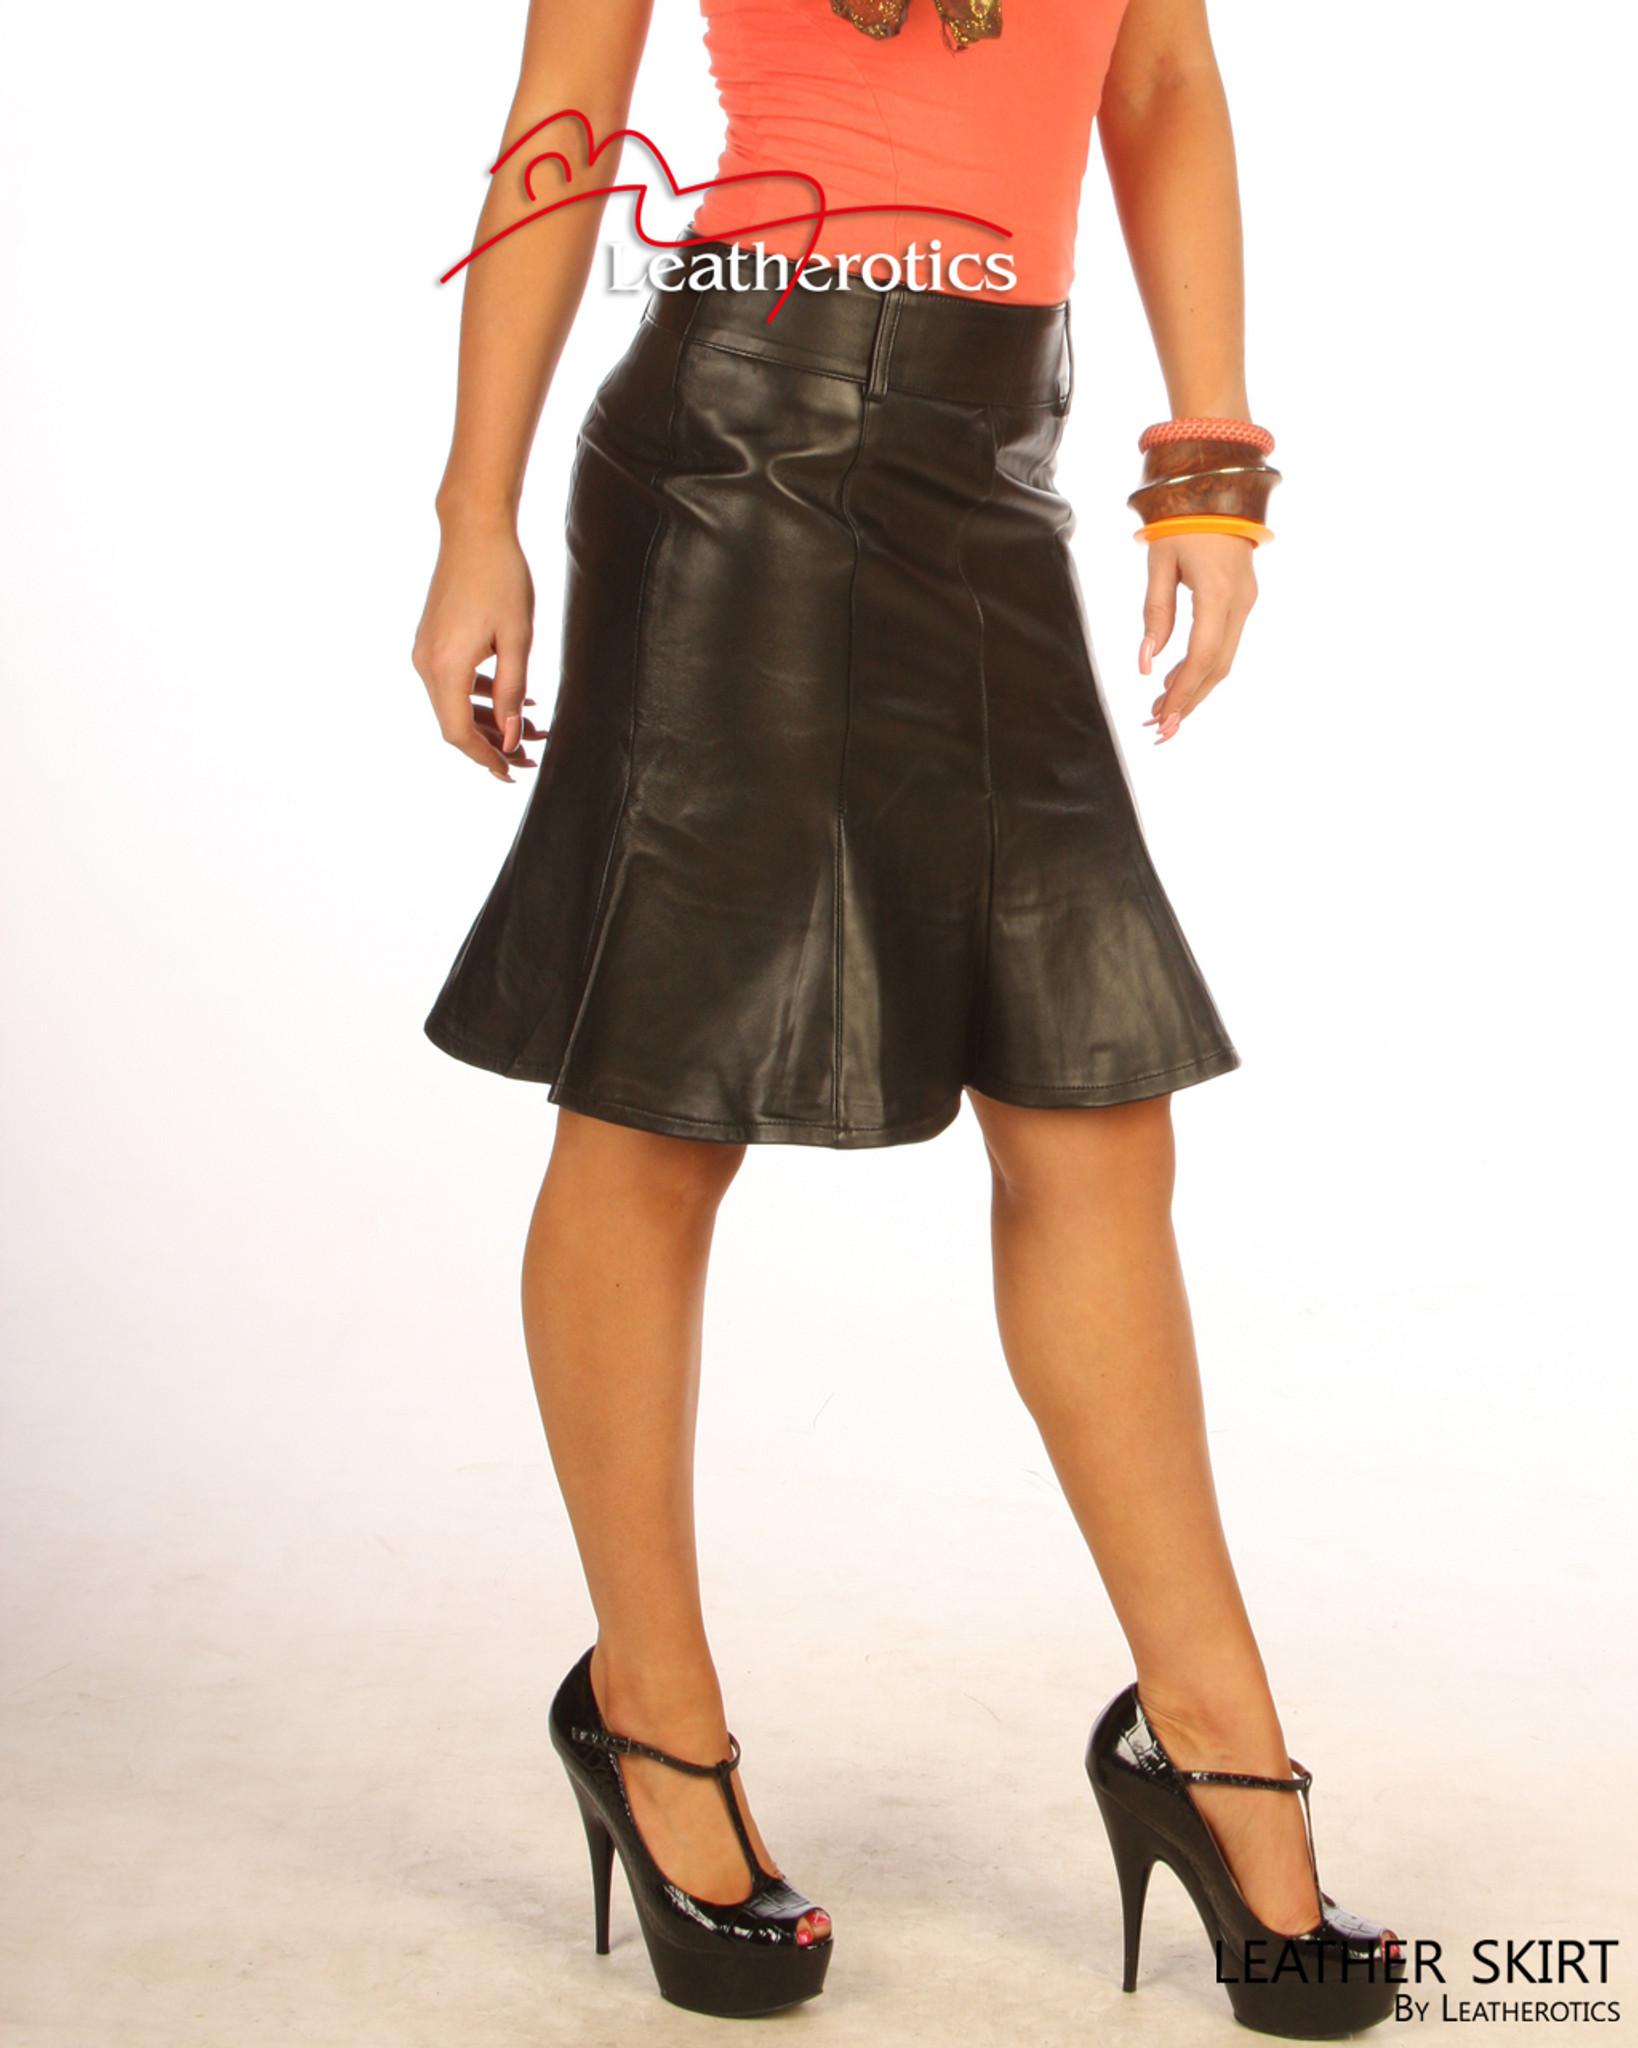 9e6d09cc72fb1a High Waisted Tight Leather Skirt | Saddha